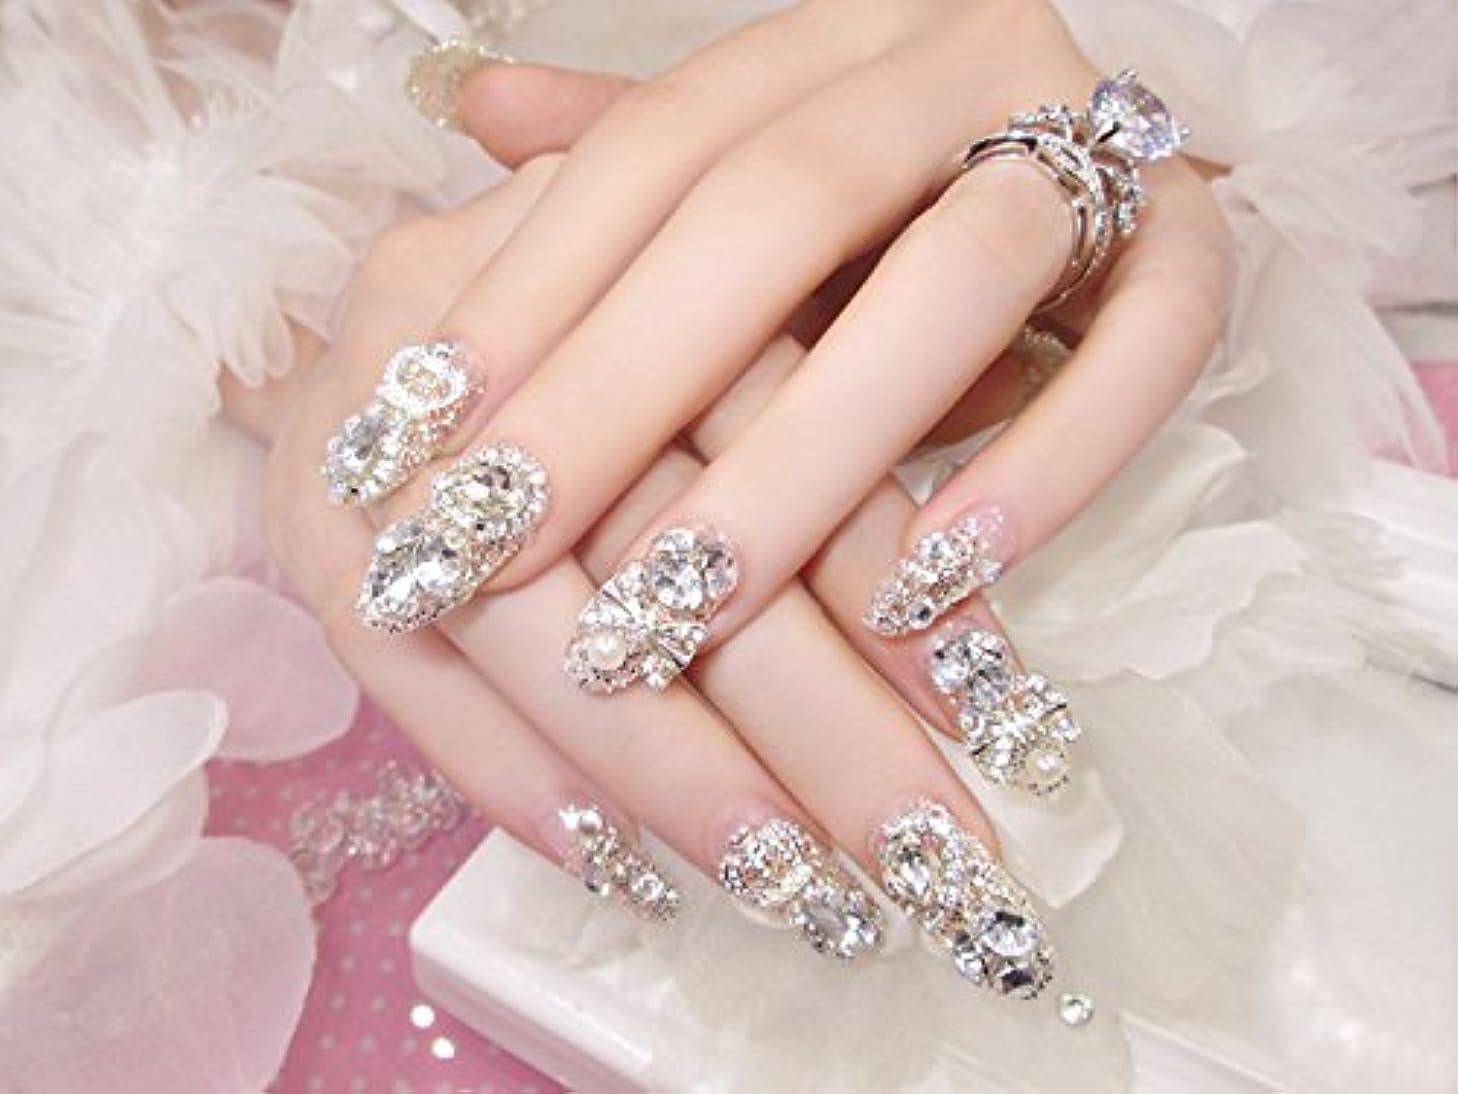 夜告白する行為花嫁ネイル 手作りネイルチップ ラインストーンリボンが輝く フルチップ シンプル ネイルチップ24枚セット 人造ダイヤモンド 両面接着テープ付き 結婚式、パーティー、二次会などに ジルコン (A36)